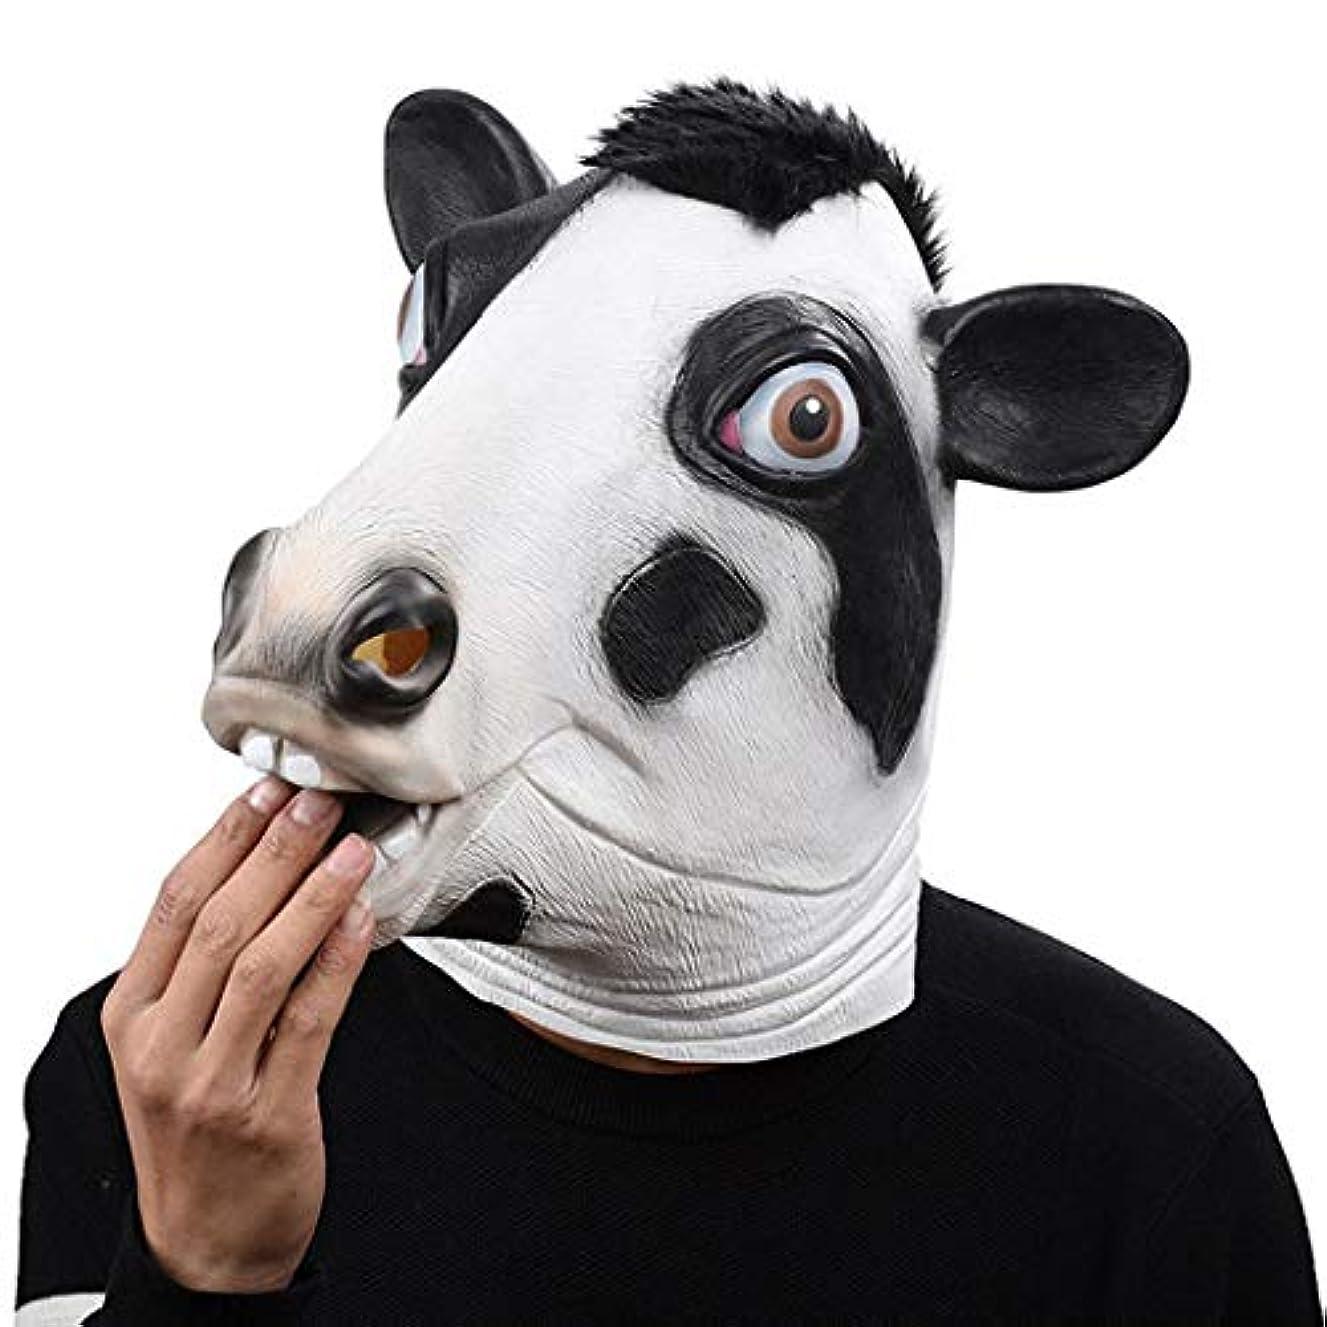 サンドイッチ理論的シーンハロウィンマスククリスマスボール牛スタイリングマスクパーティーマスクゲーム面白いパーティー用品